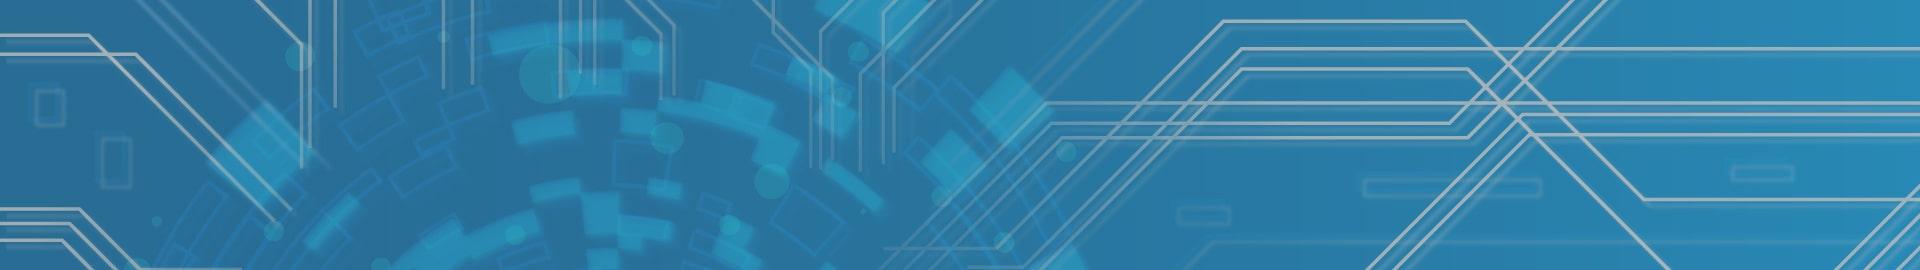 サイバーの背景イメージ